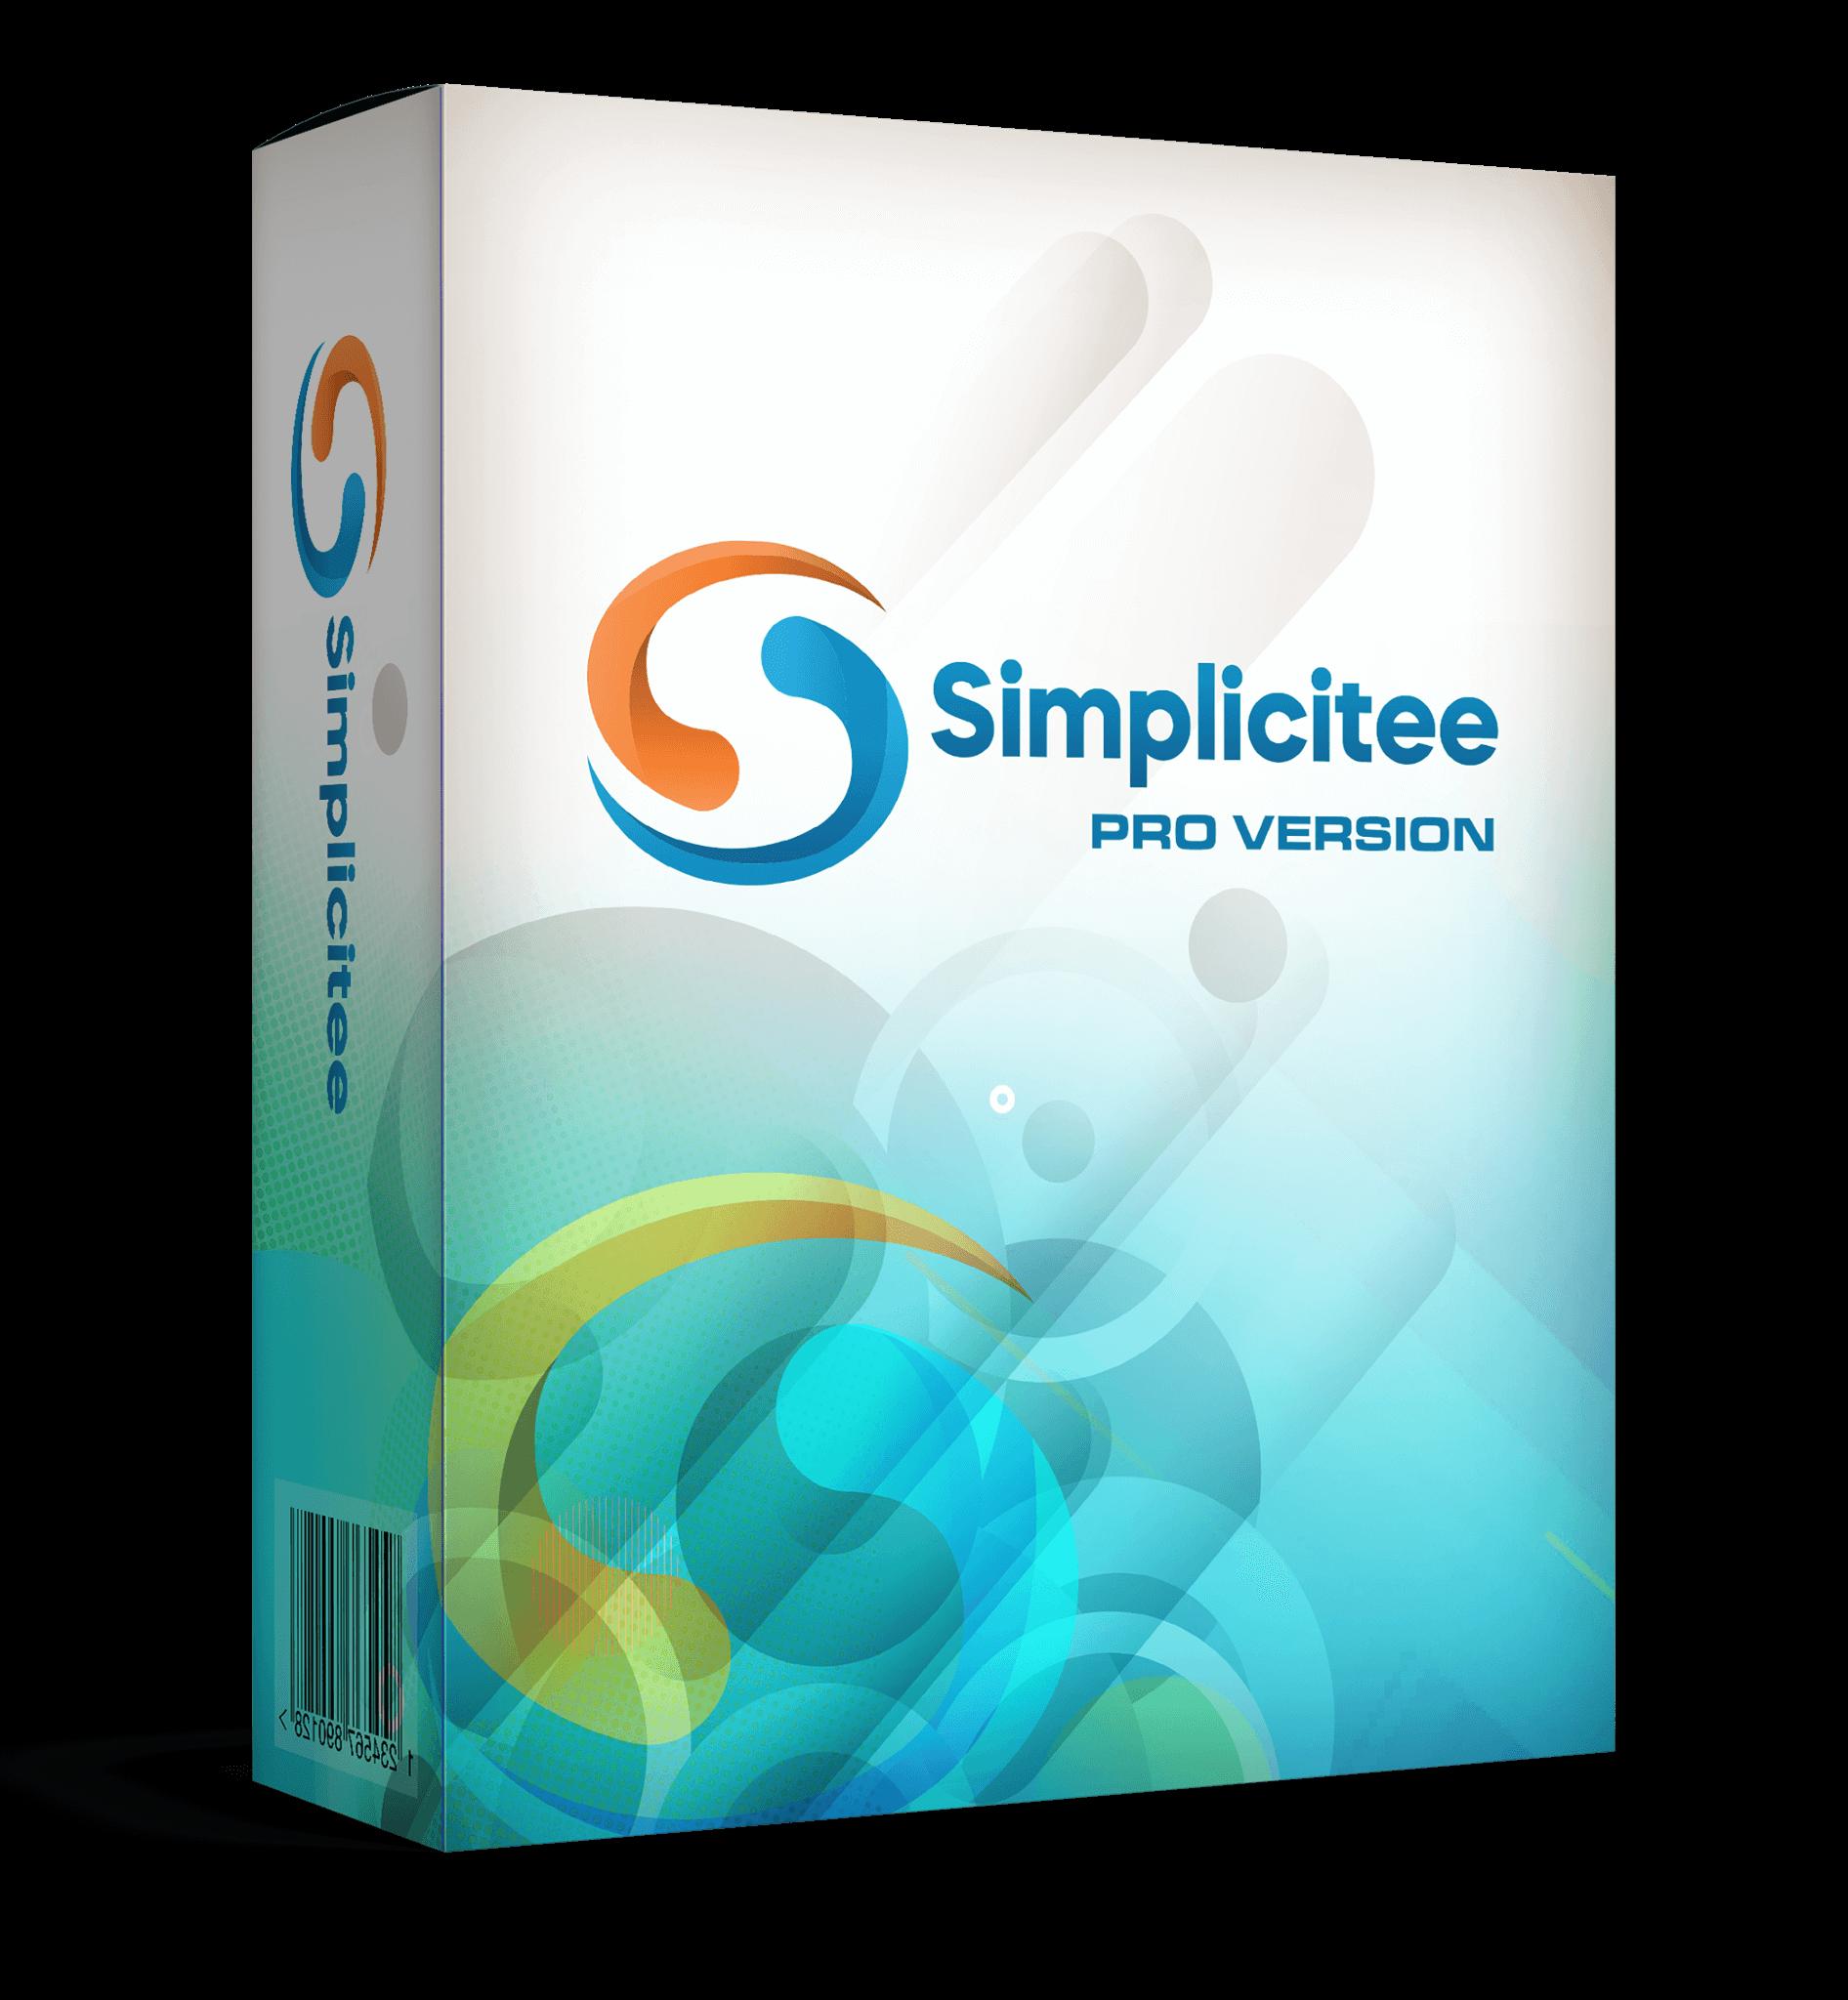 Simplicitee-oto-1